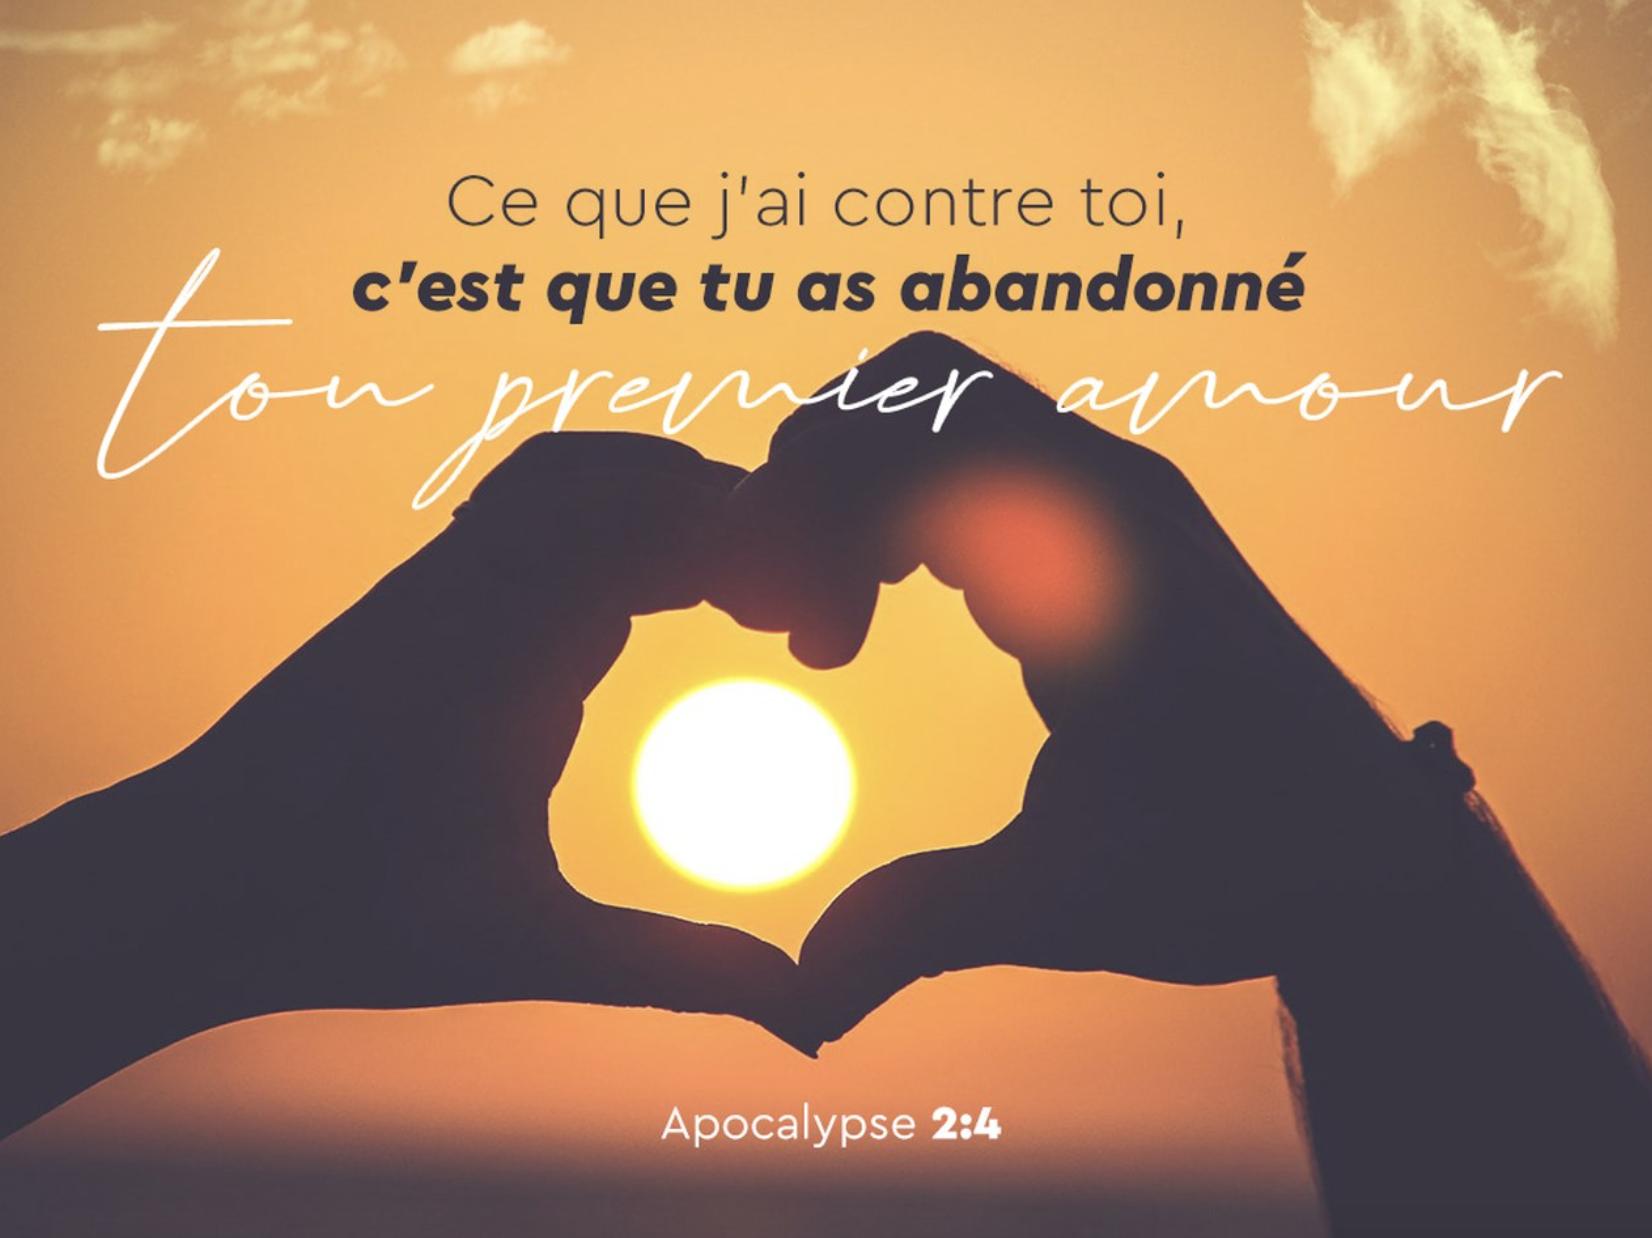 """""""Ce que j'ai contre toi, c'est que tu as abandonné ton premier amour... Souviens-toi donc d'où tu es tombé, repens-toi"""" (Apocalypse 2:4)"""